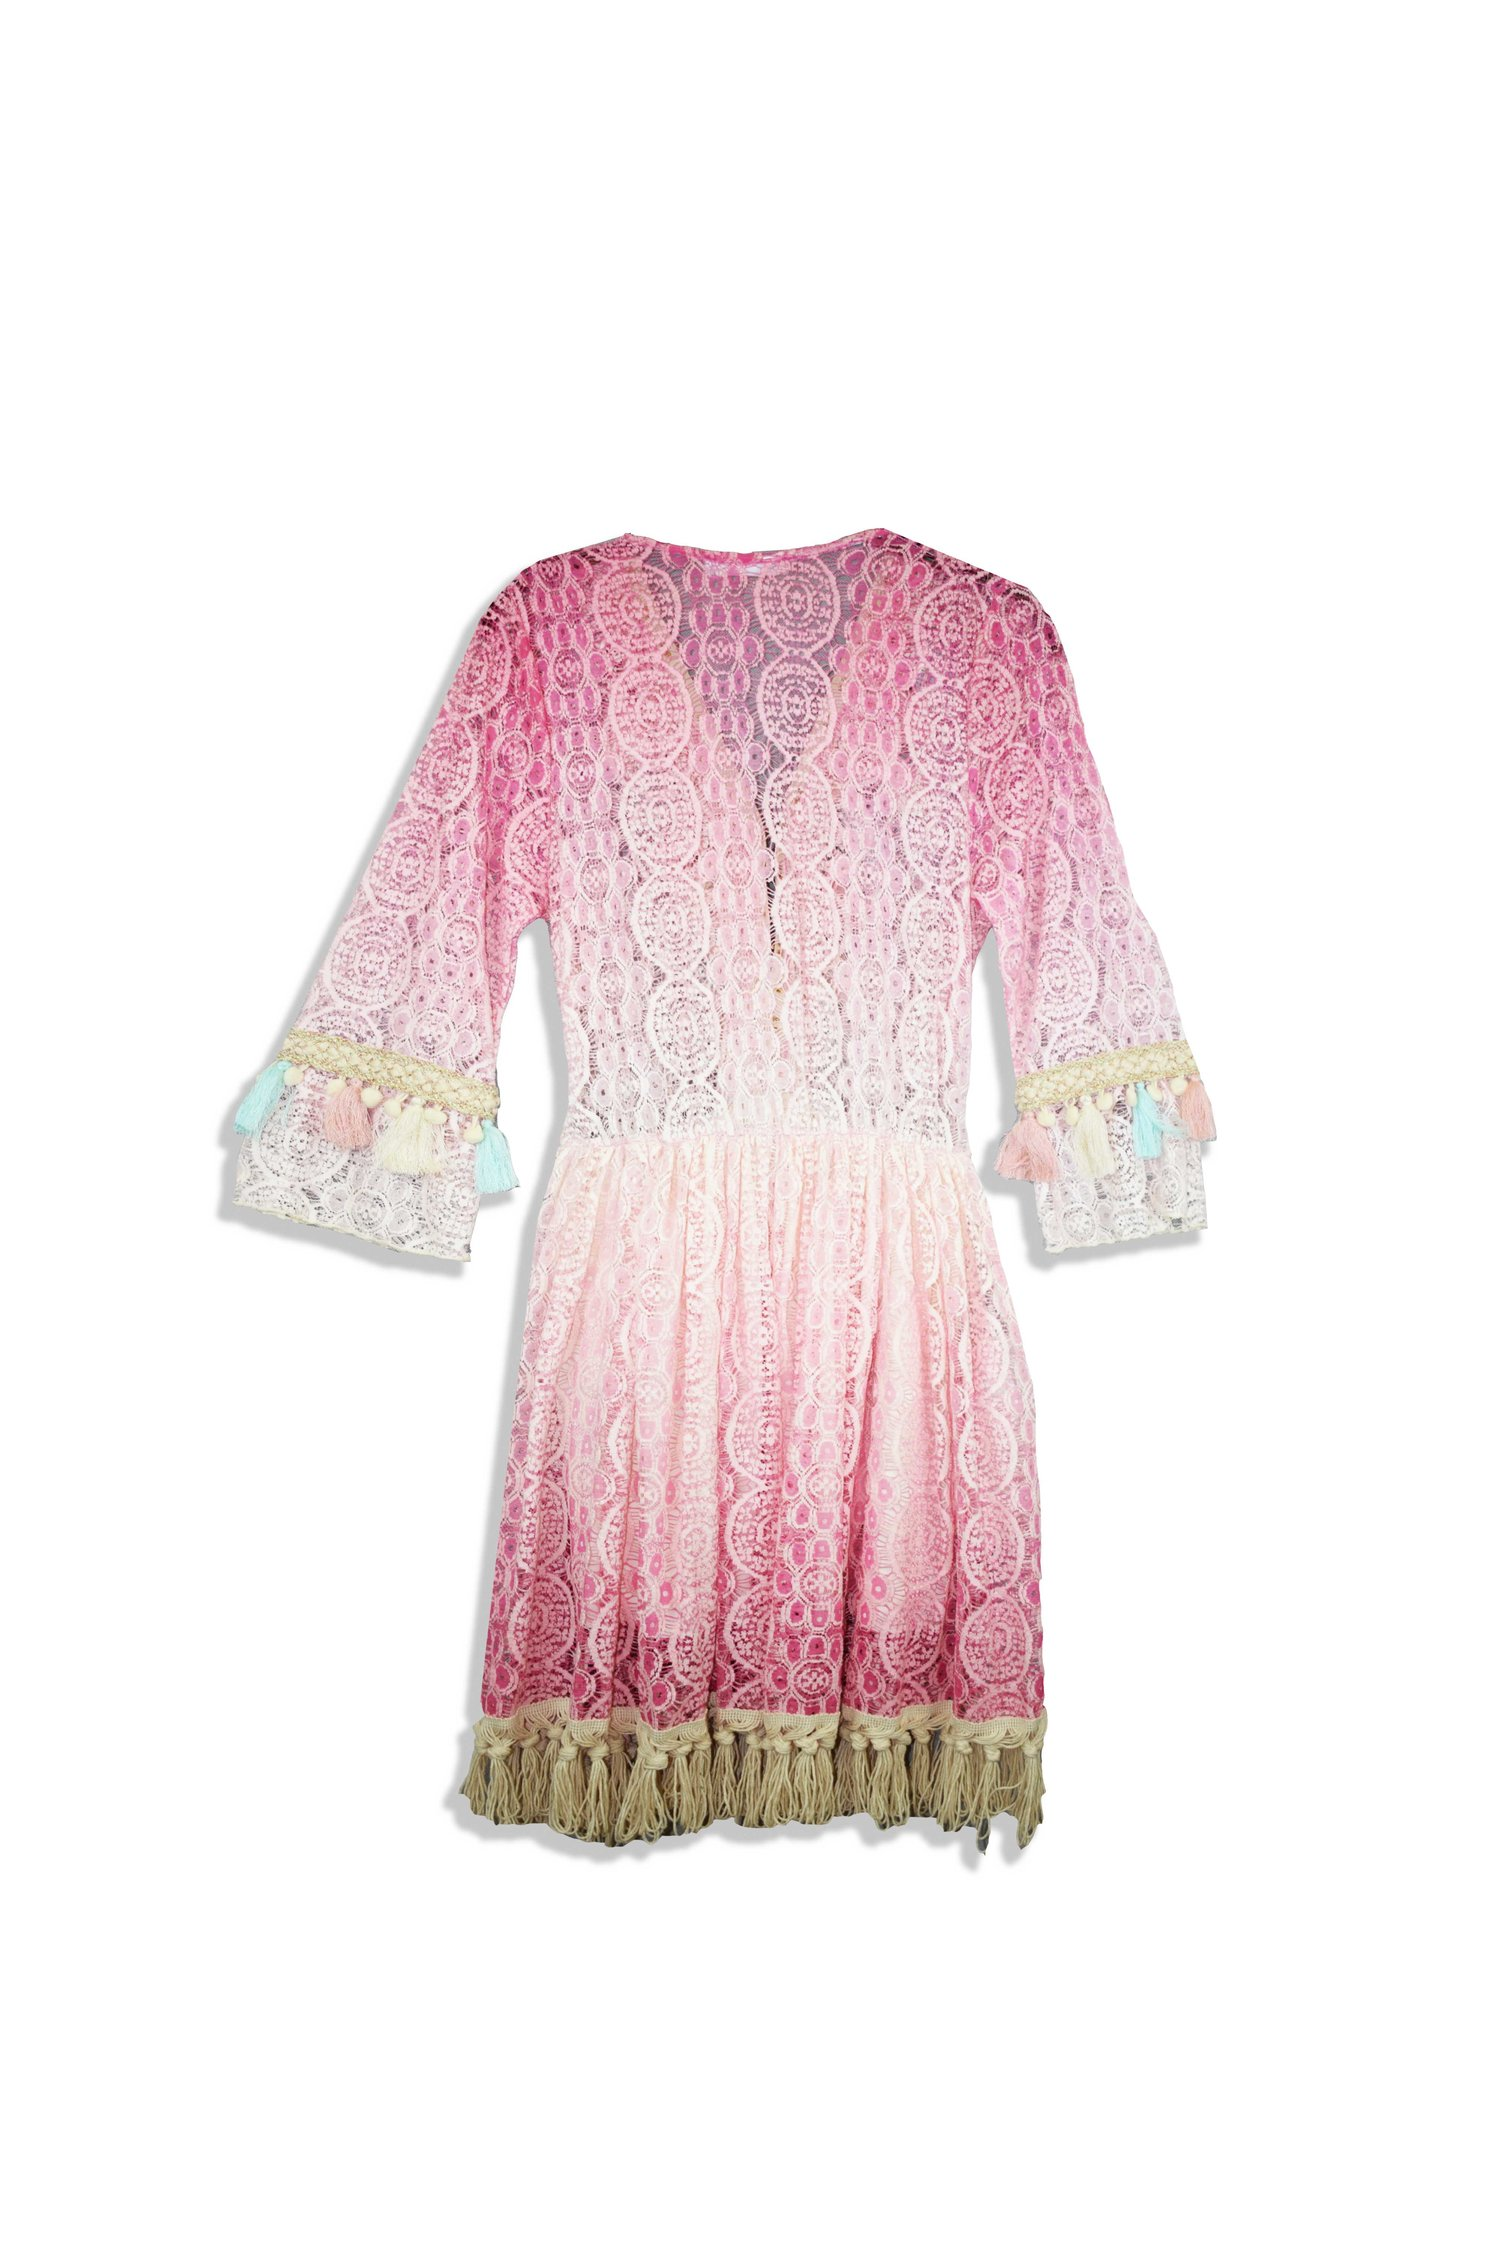 Asombroso Vestidos De Fiesta Usados ??en Venta En Línea Inspiración ...